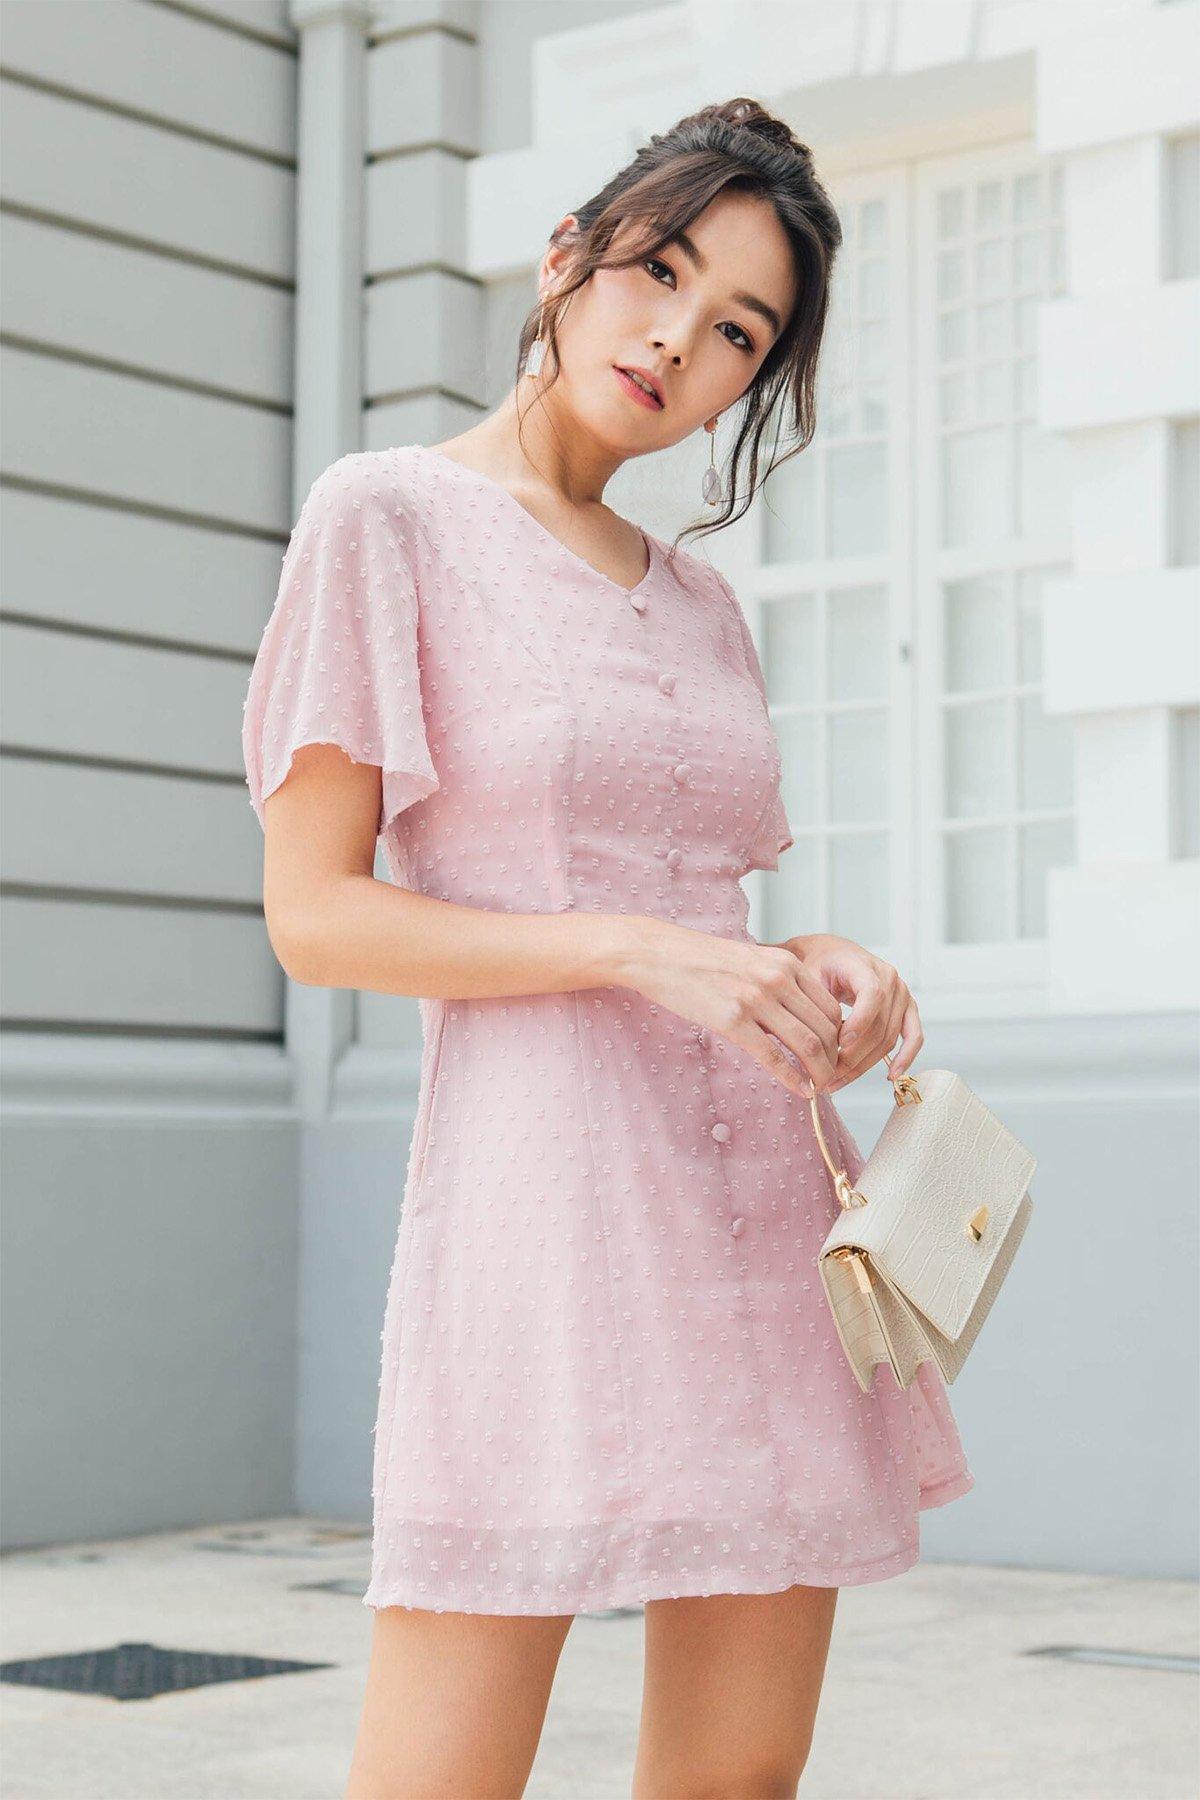 textured_dress_pink_3_1024x1024@2x